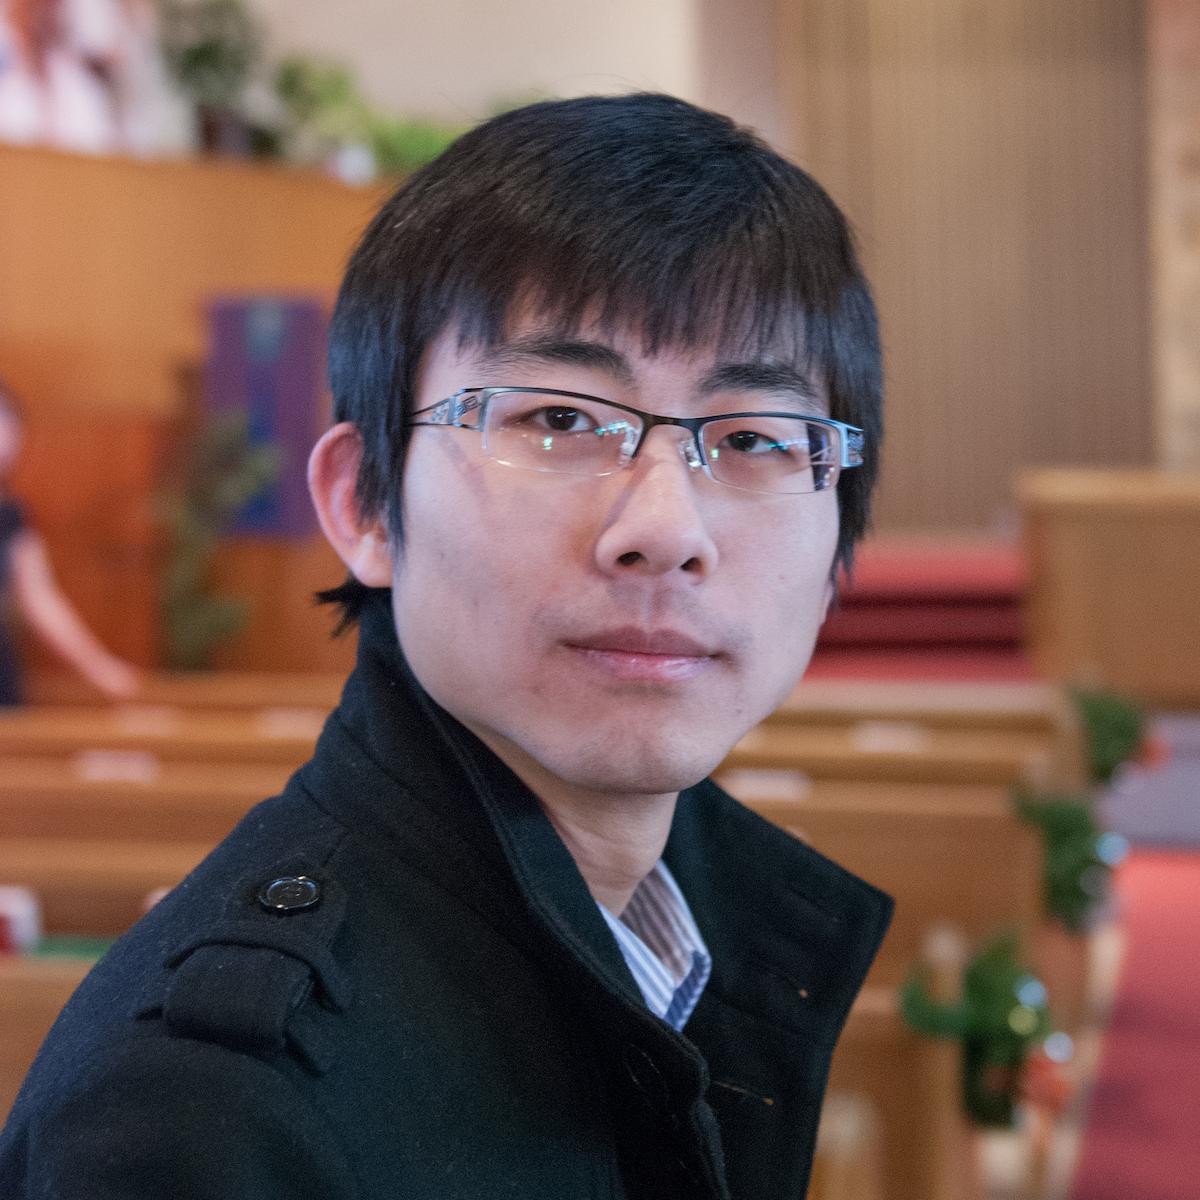 Nathan Pang